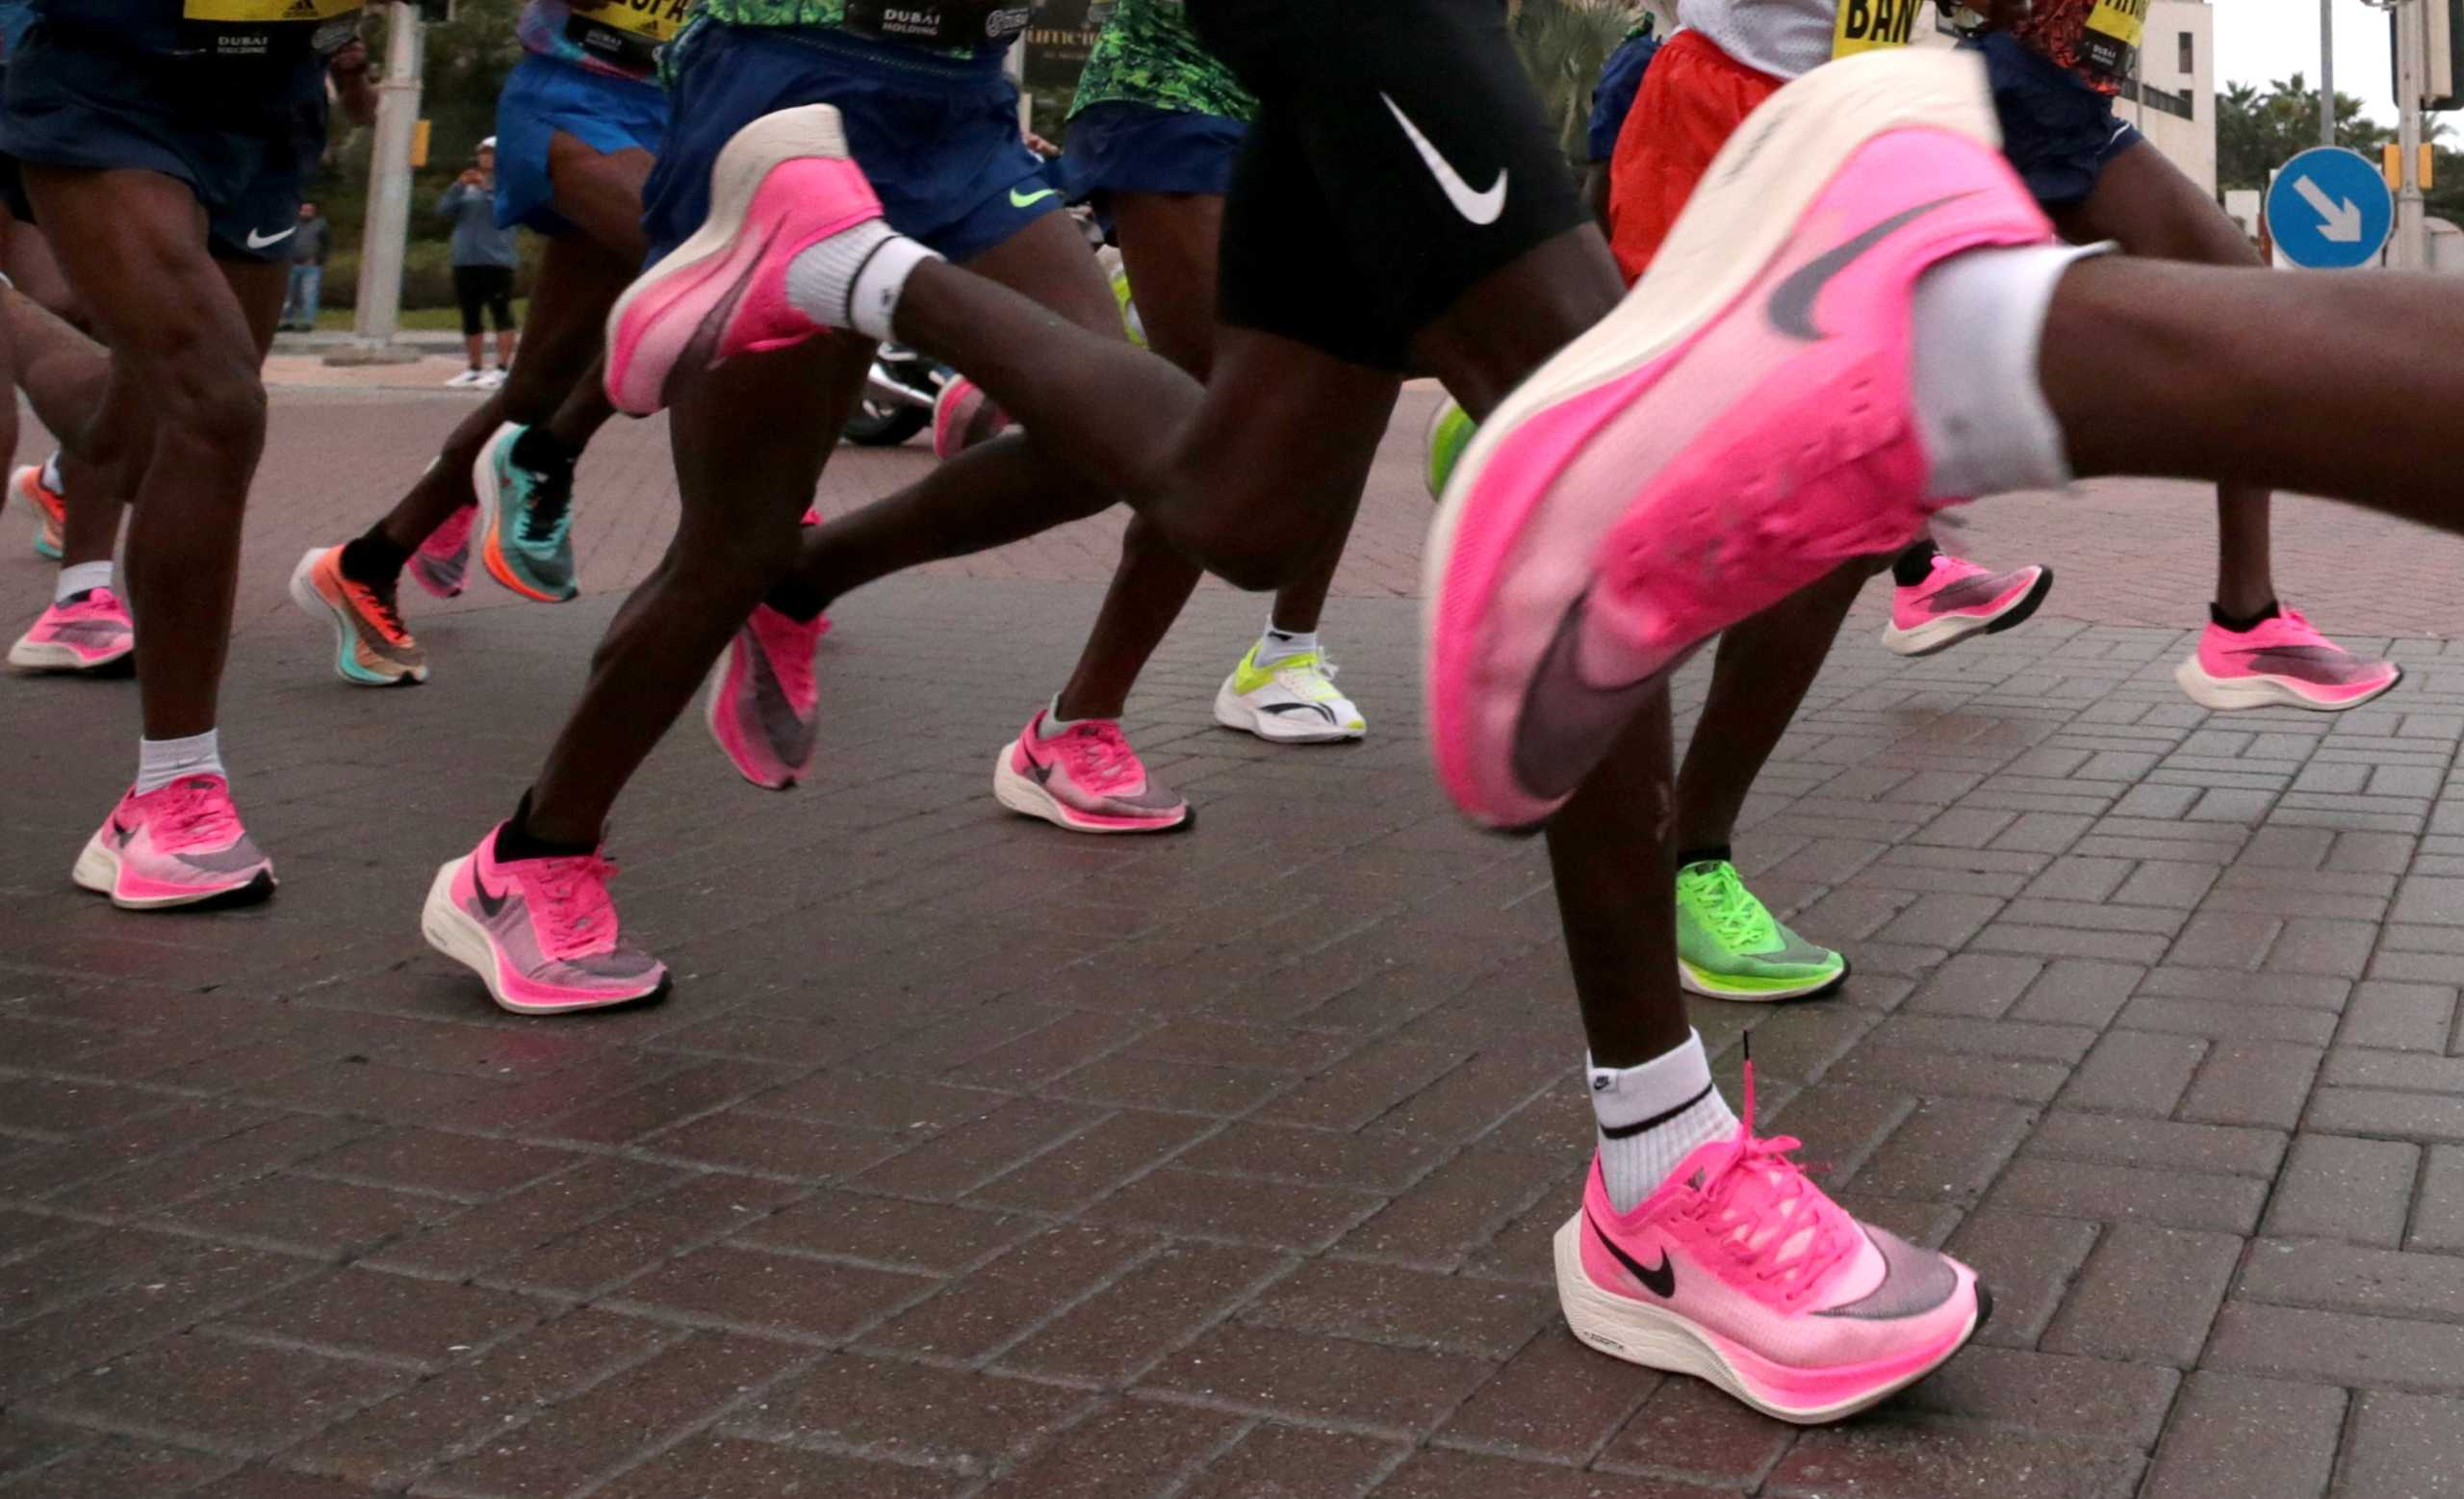 Κορονοϊός: Η Nike κλείνει τα κεντρικά γραφεία στην Ολλανδία λόγω κρούσματος υπαλλήλου